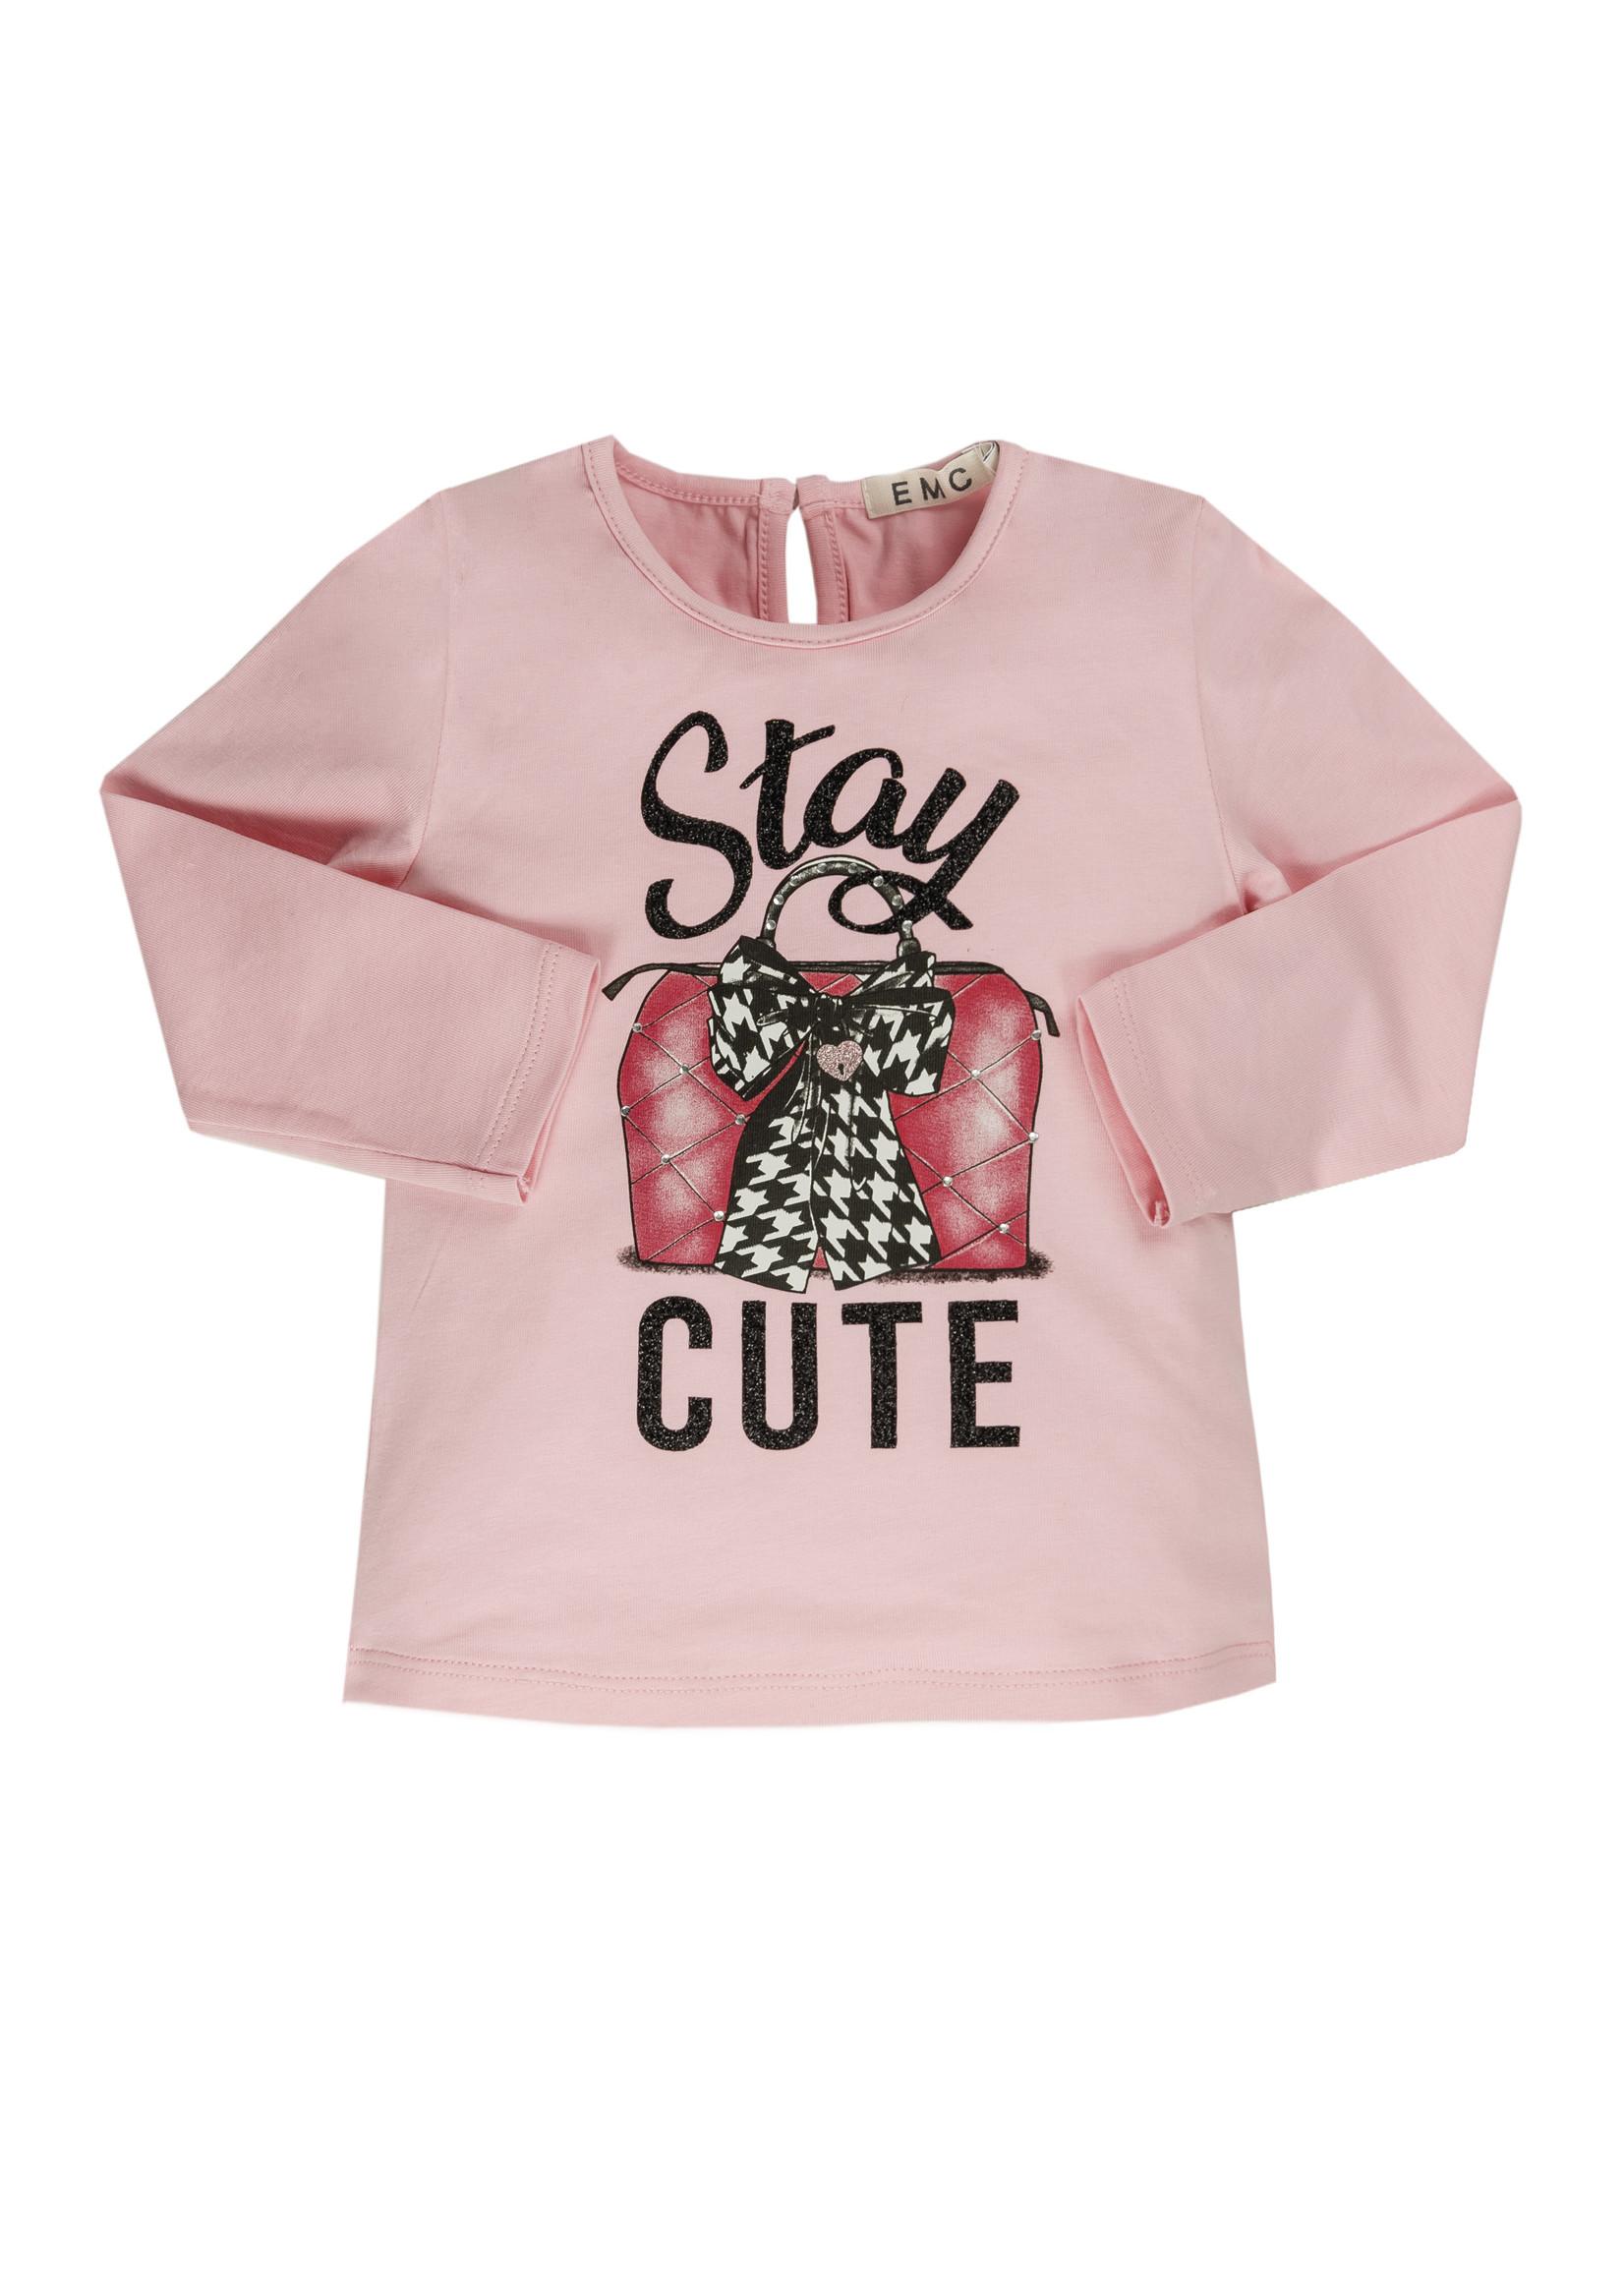 EMC EMC stay cute tshirt pink